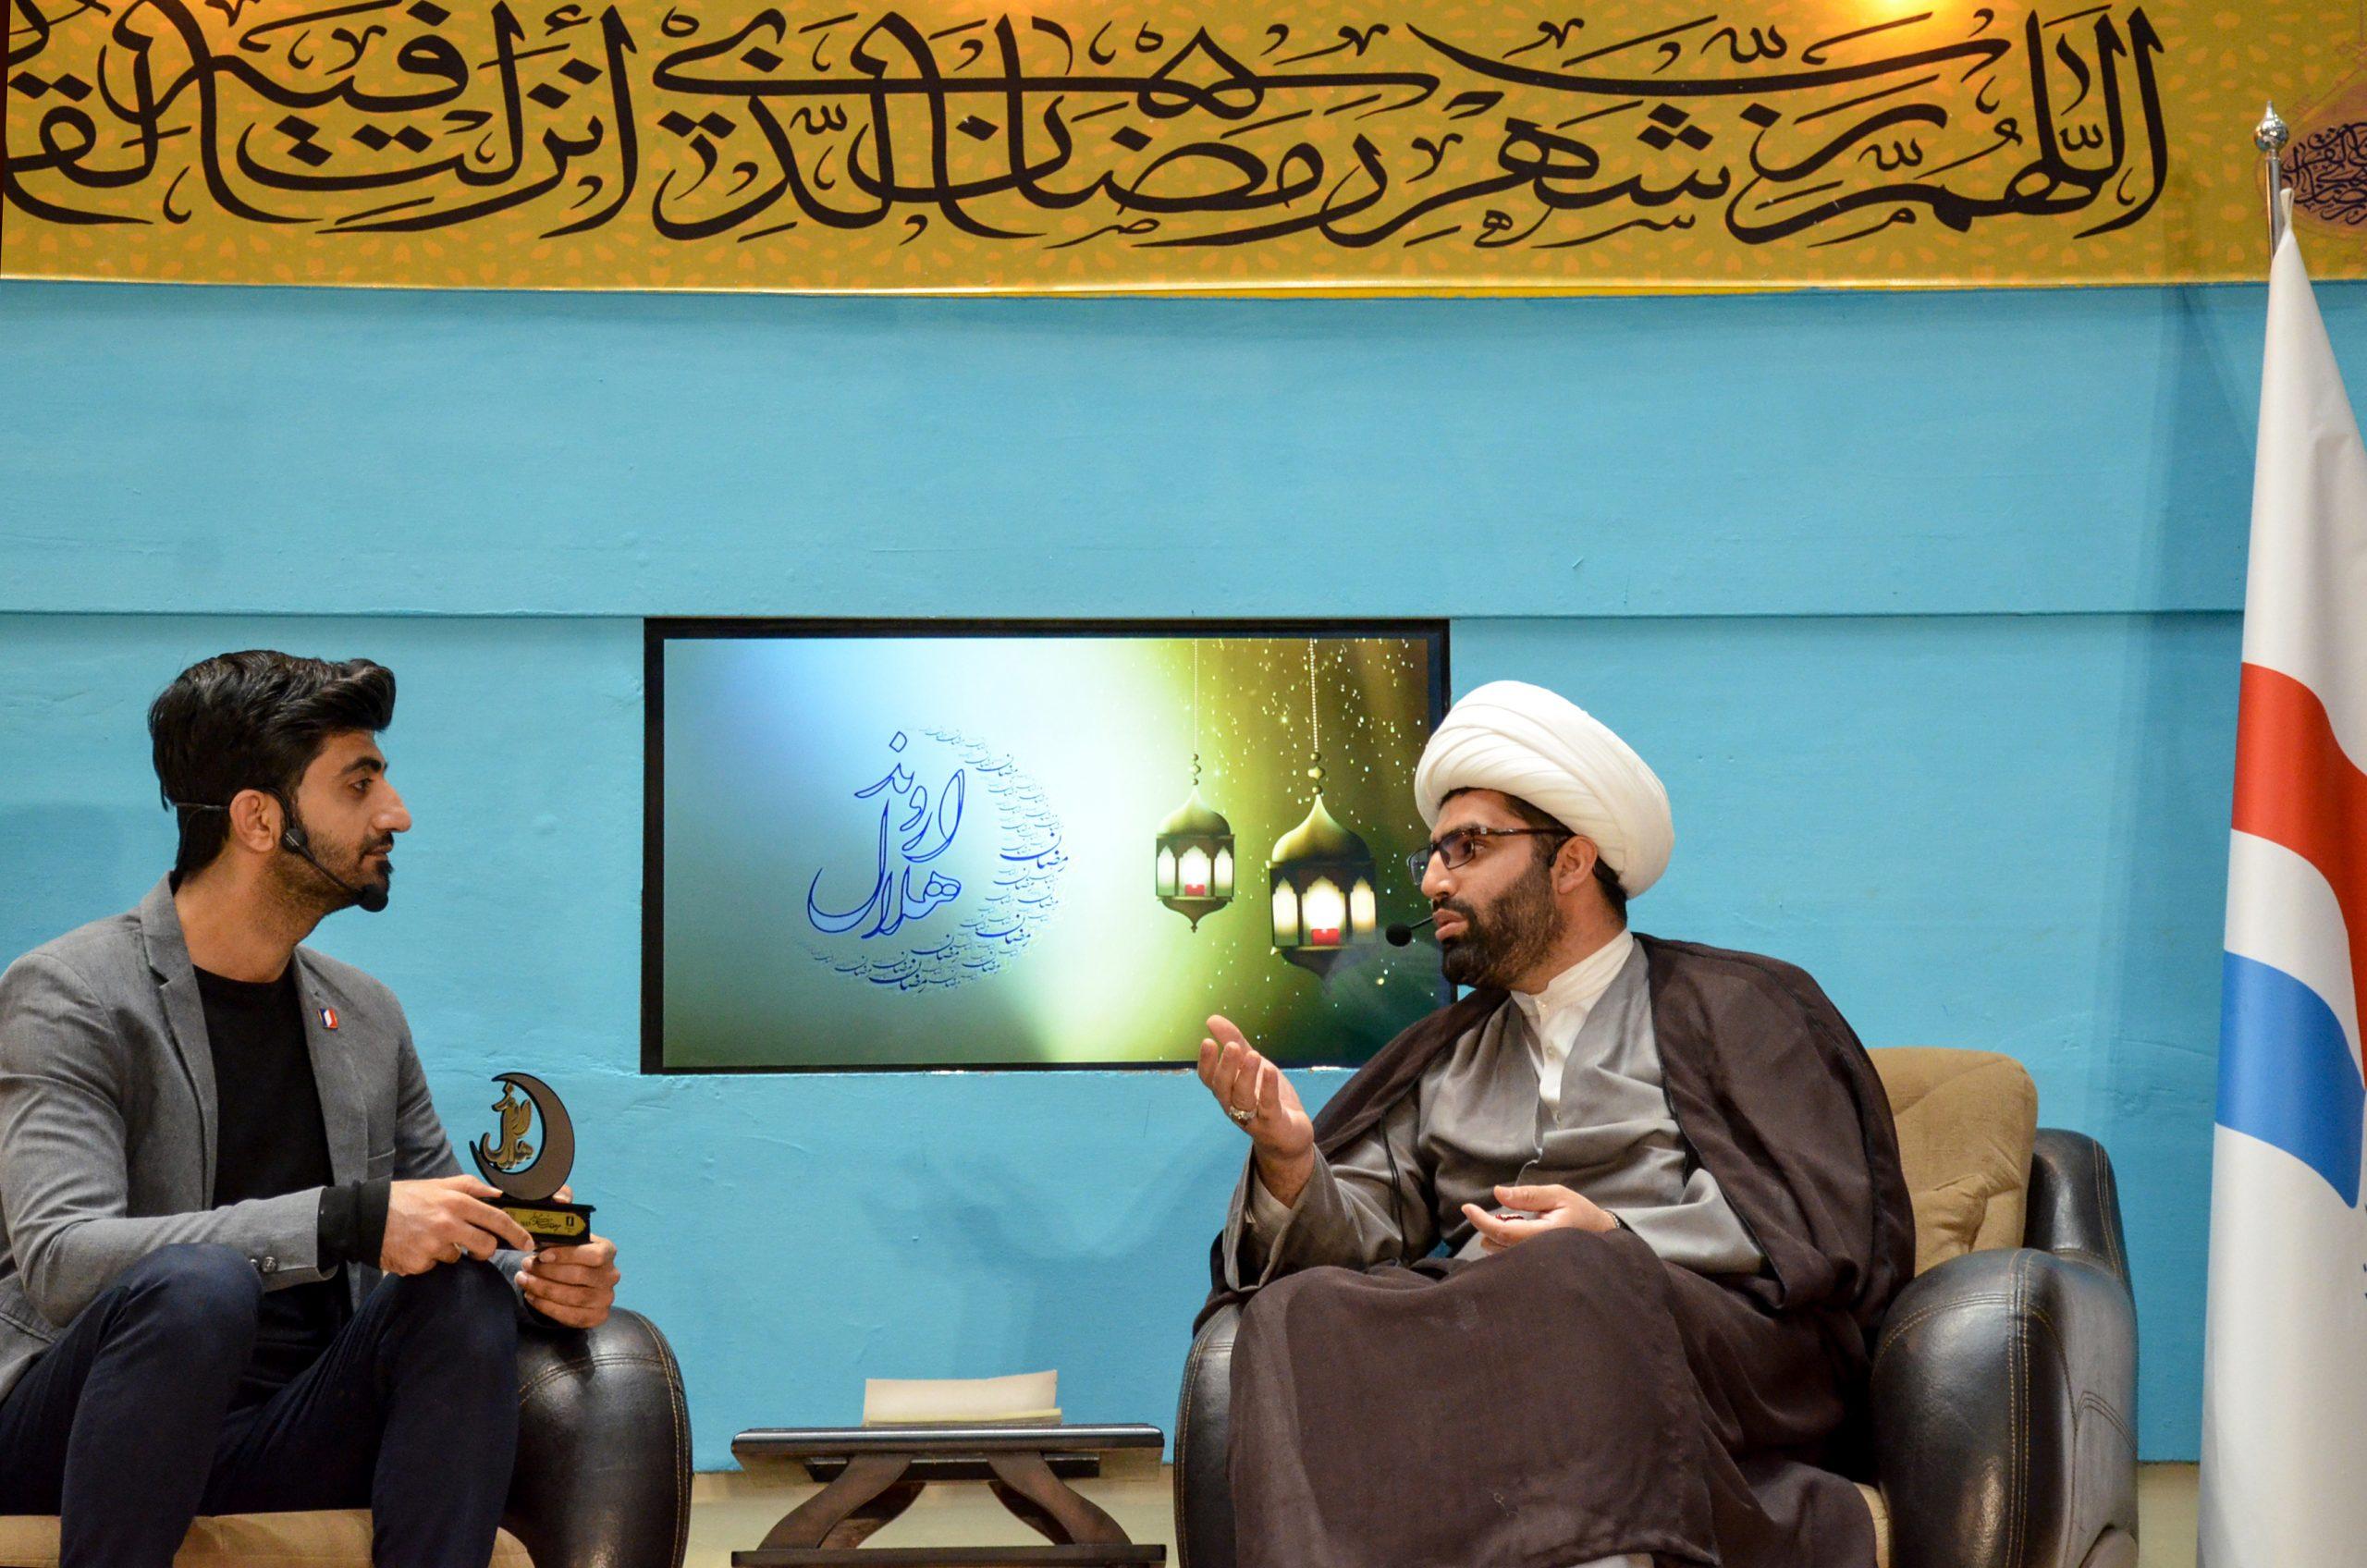 امام حسن مجتبی(ع)، پیام آور صلح و معرفت